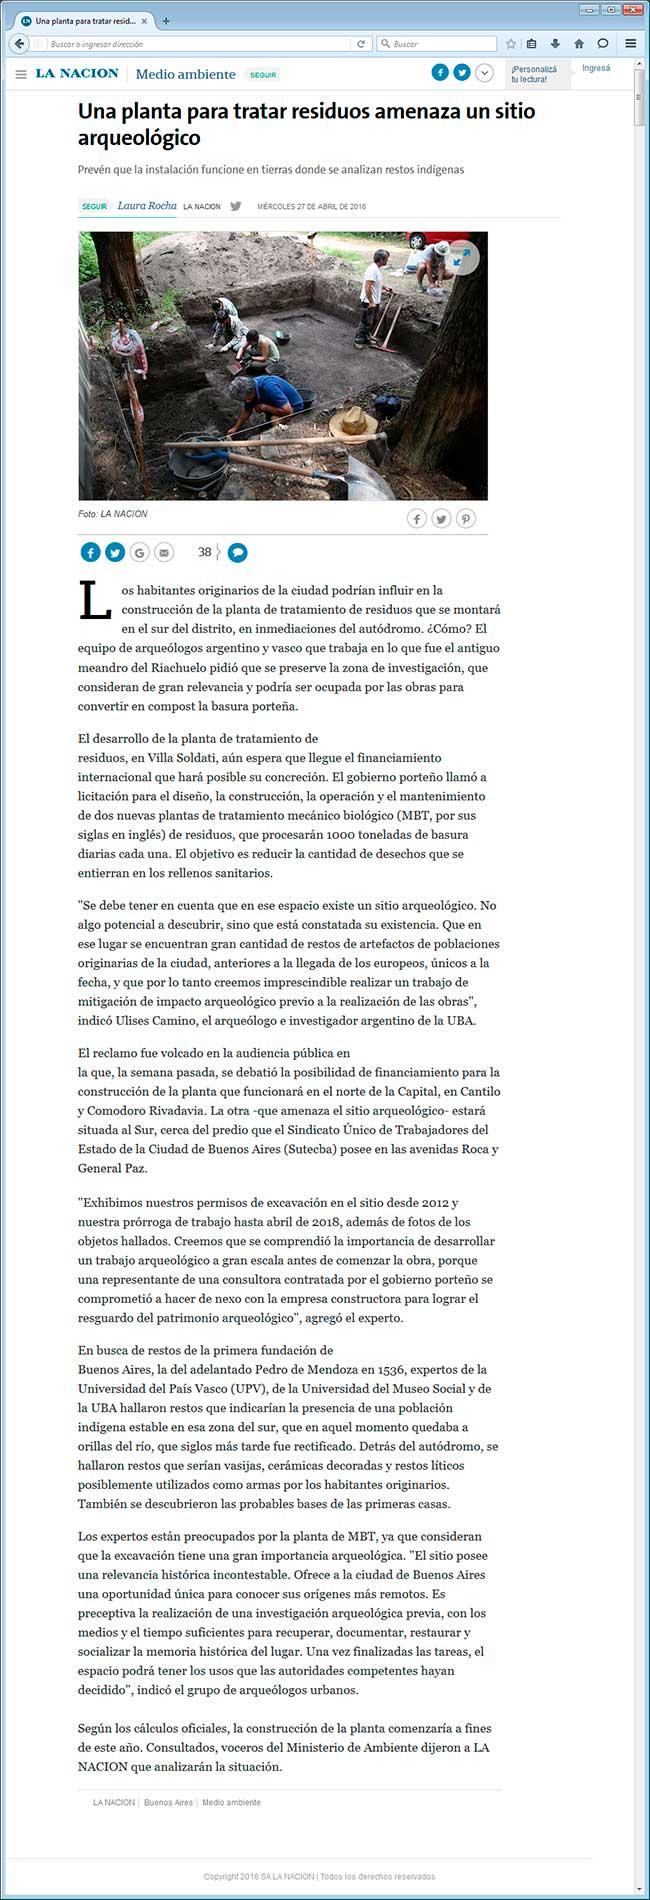 Captura del diario La Nación, 27 de abril de 2016